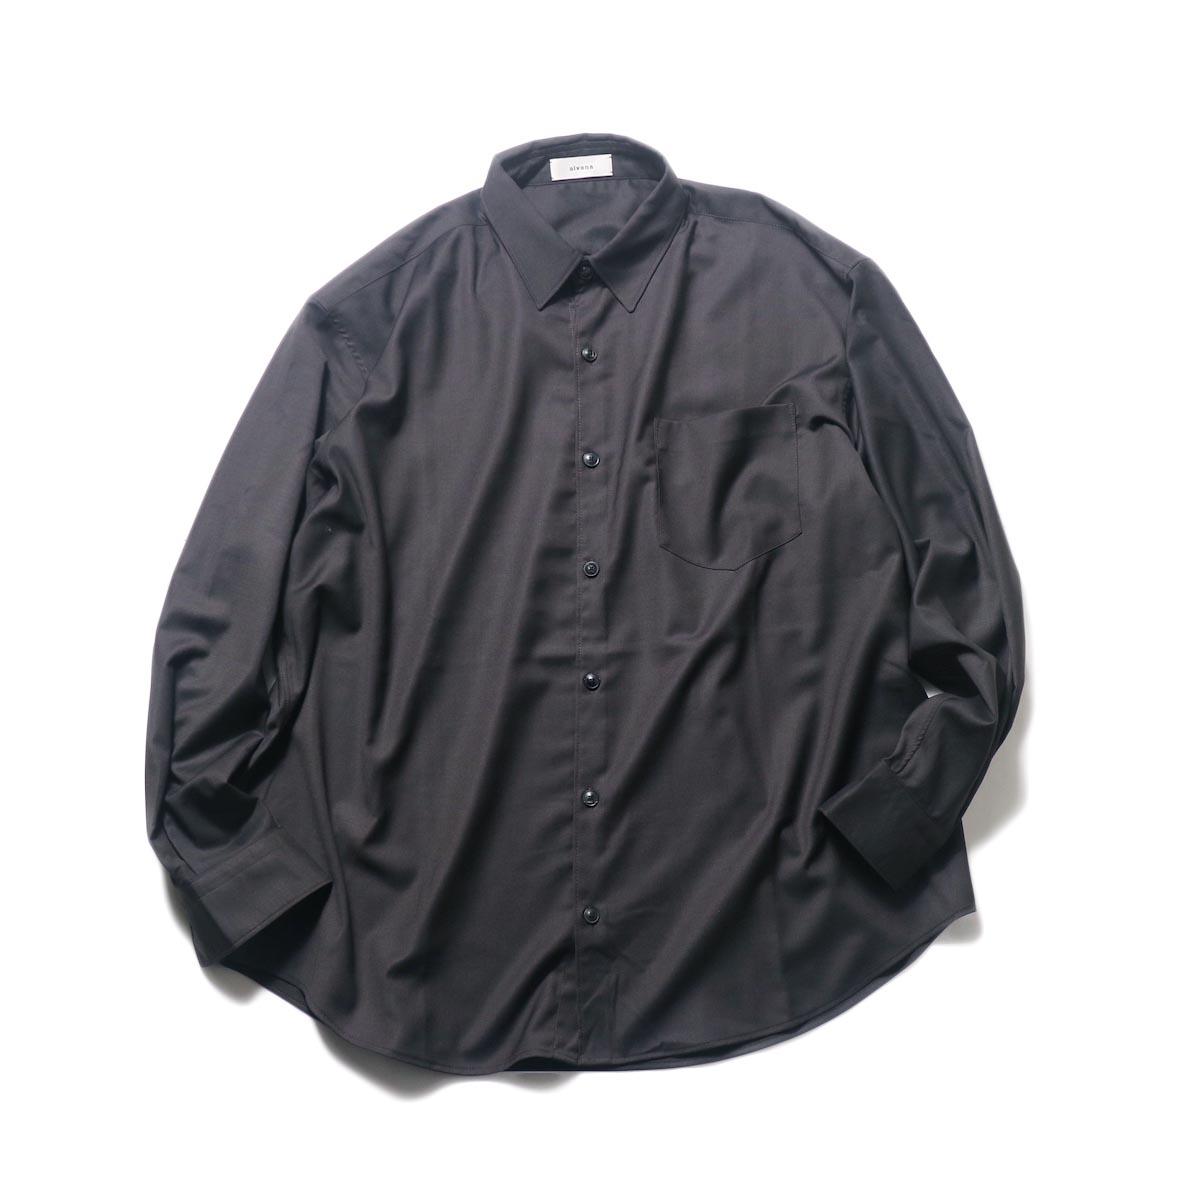 alvana / Wrinkle Proof Wide Shirt (Charcoal)